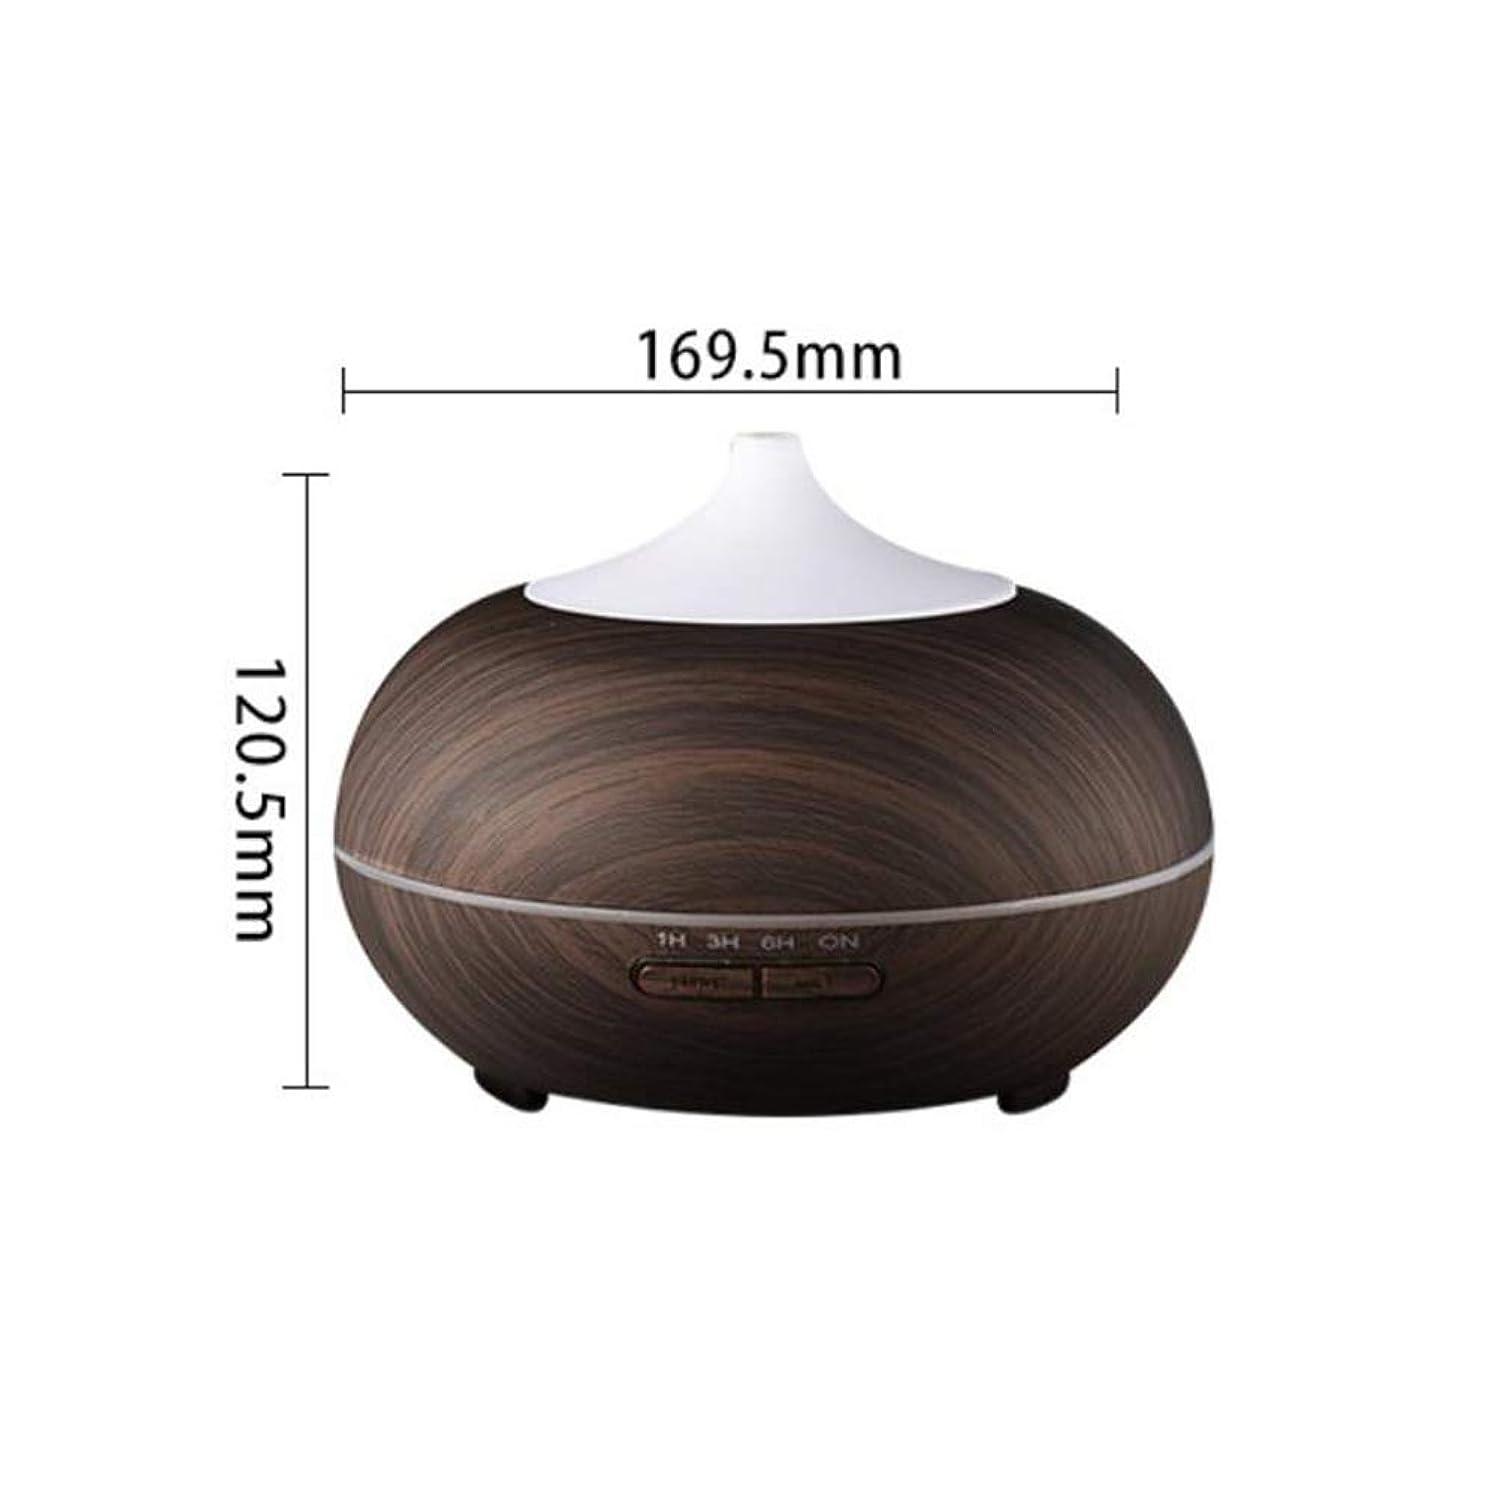 崖フローティング空白木目 涼しい霧 加湿器,7 色 空気を浄化 加湿機 時間 手動 Wifiアプリコントロール 精油 ディフューザー アロマネブライザー Yoga- 300ml